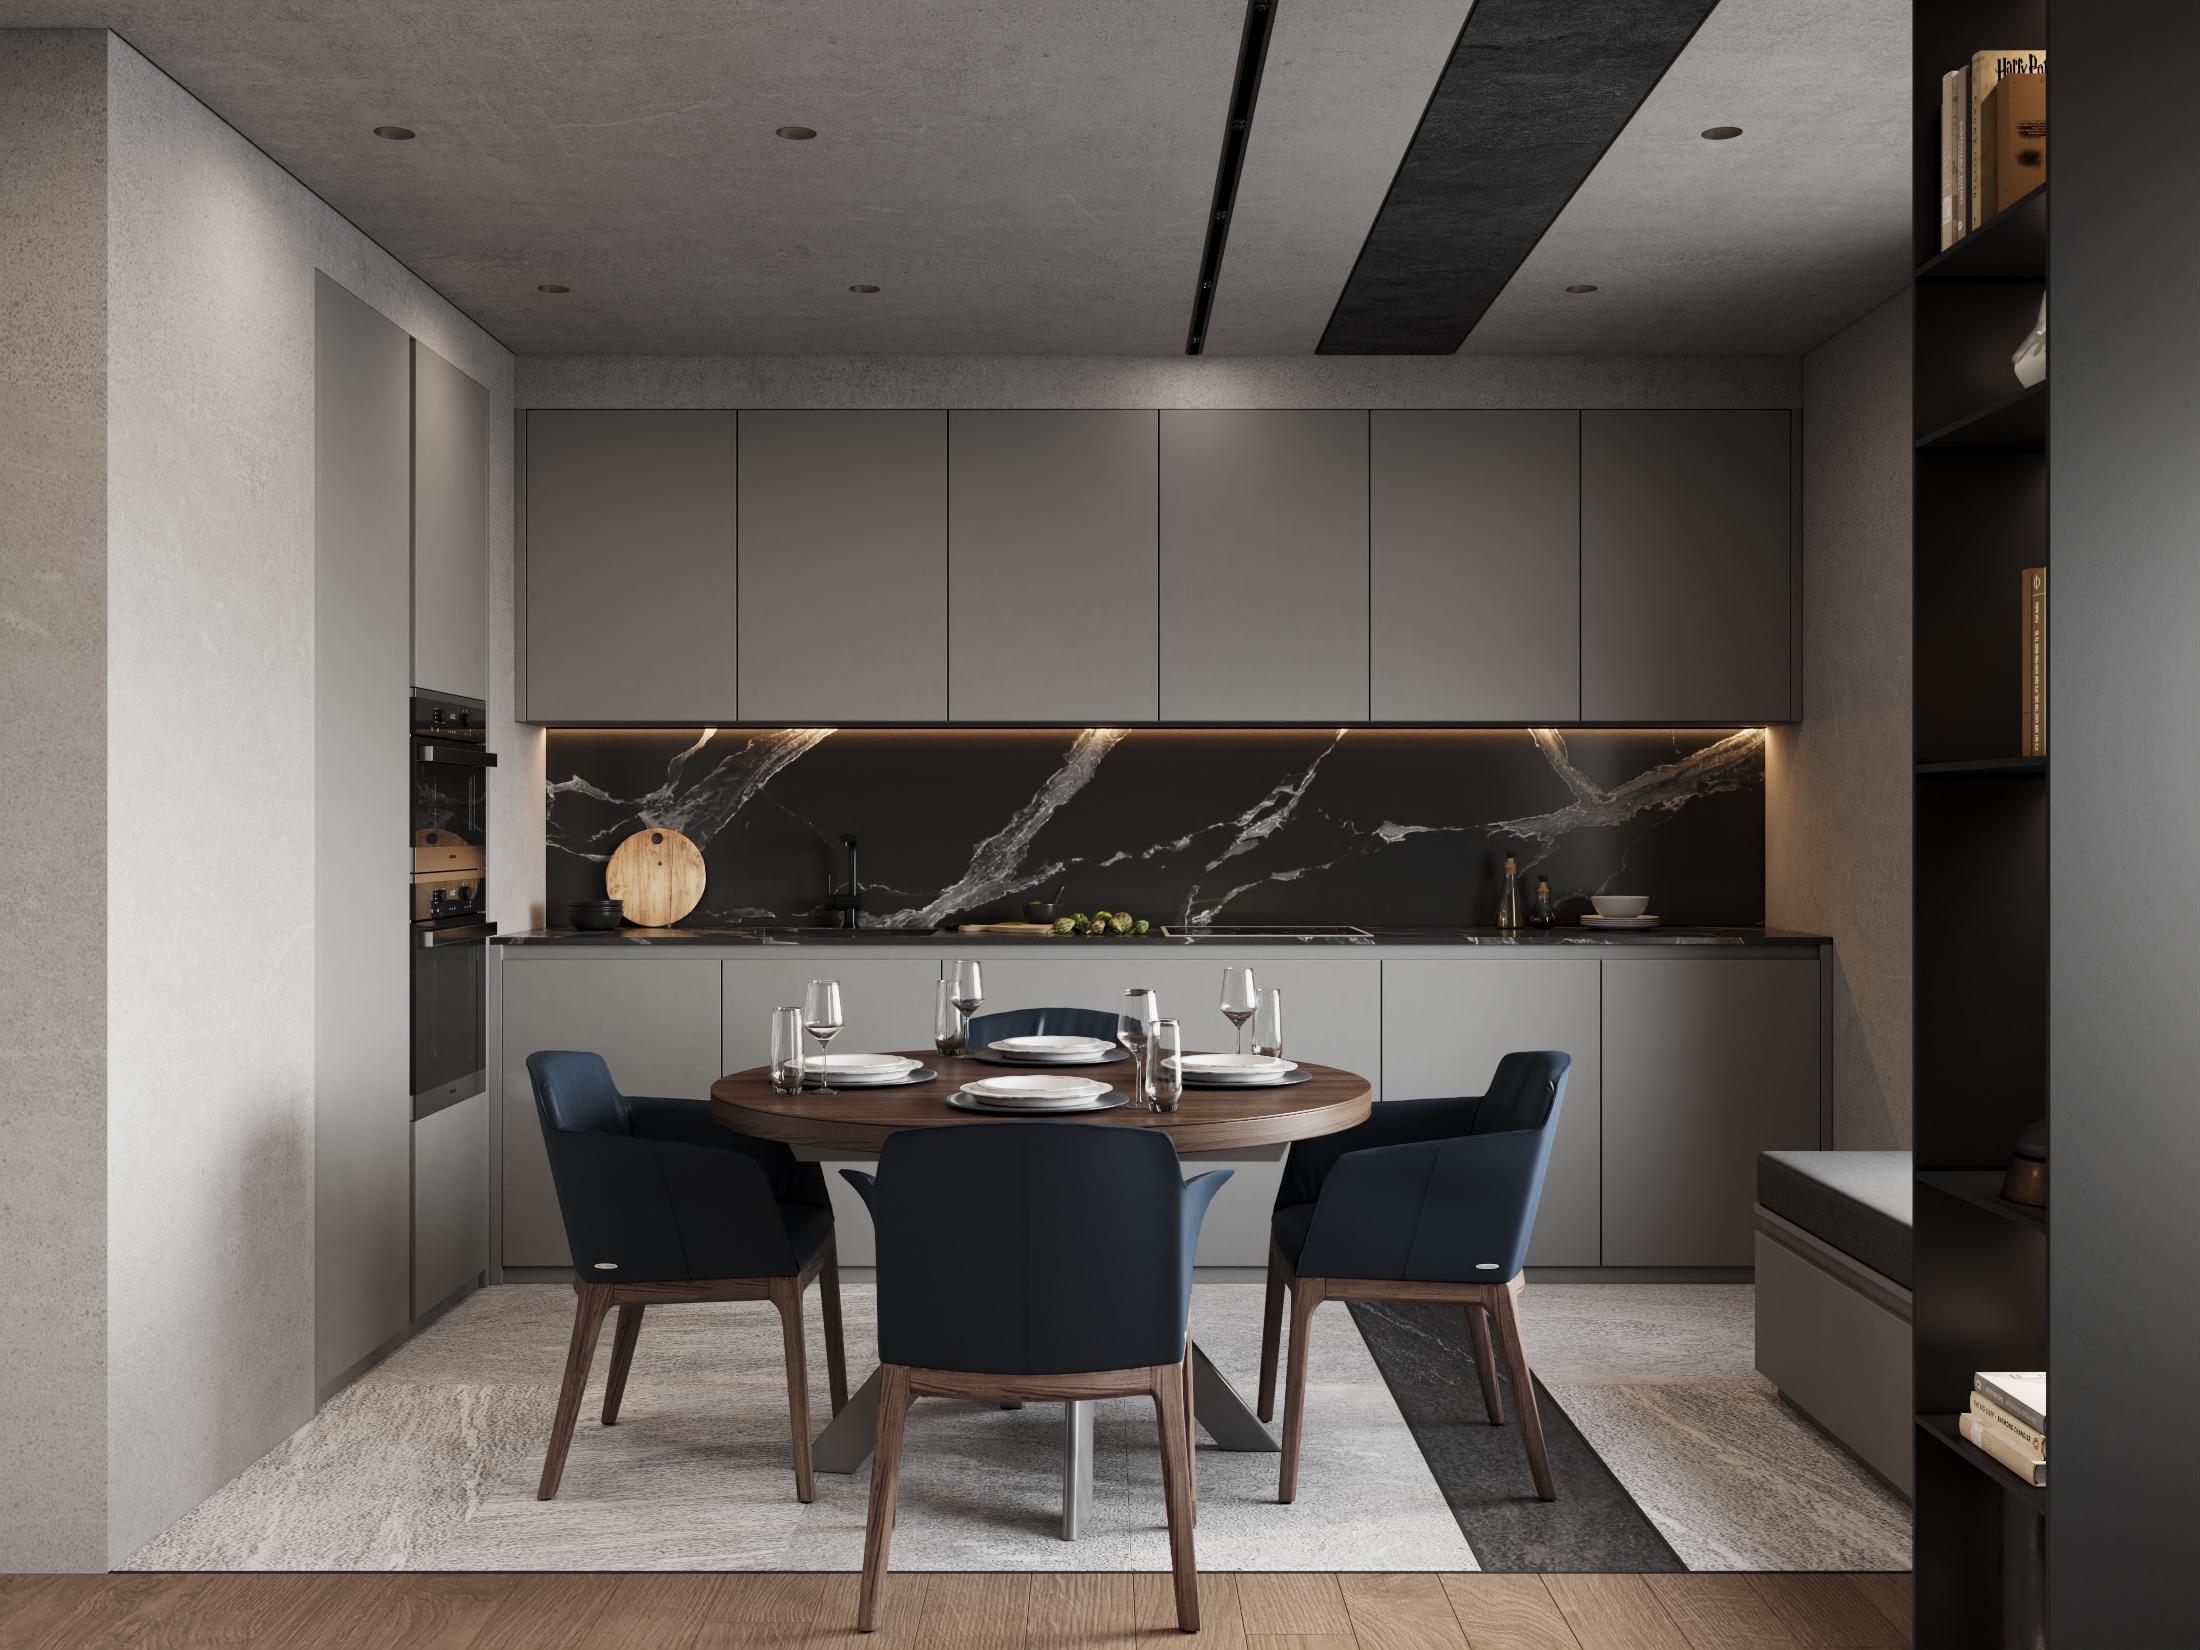 DE & DE Incredible Dining Room Designs By A Top Design Studio_5